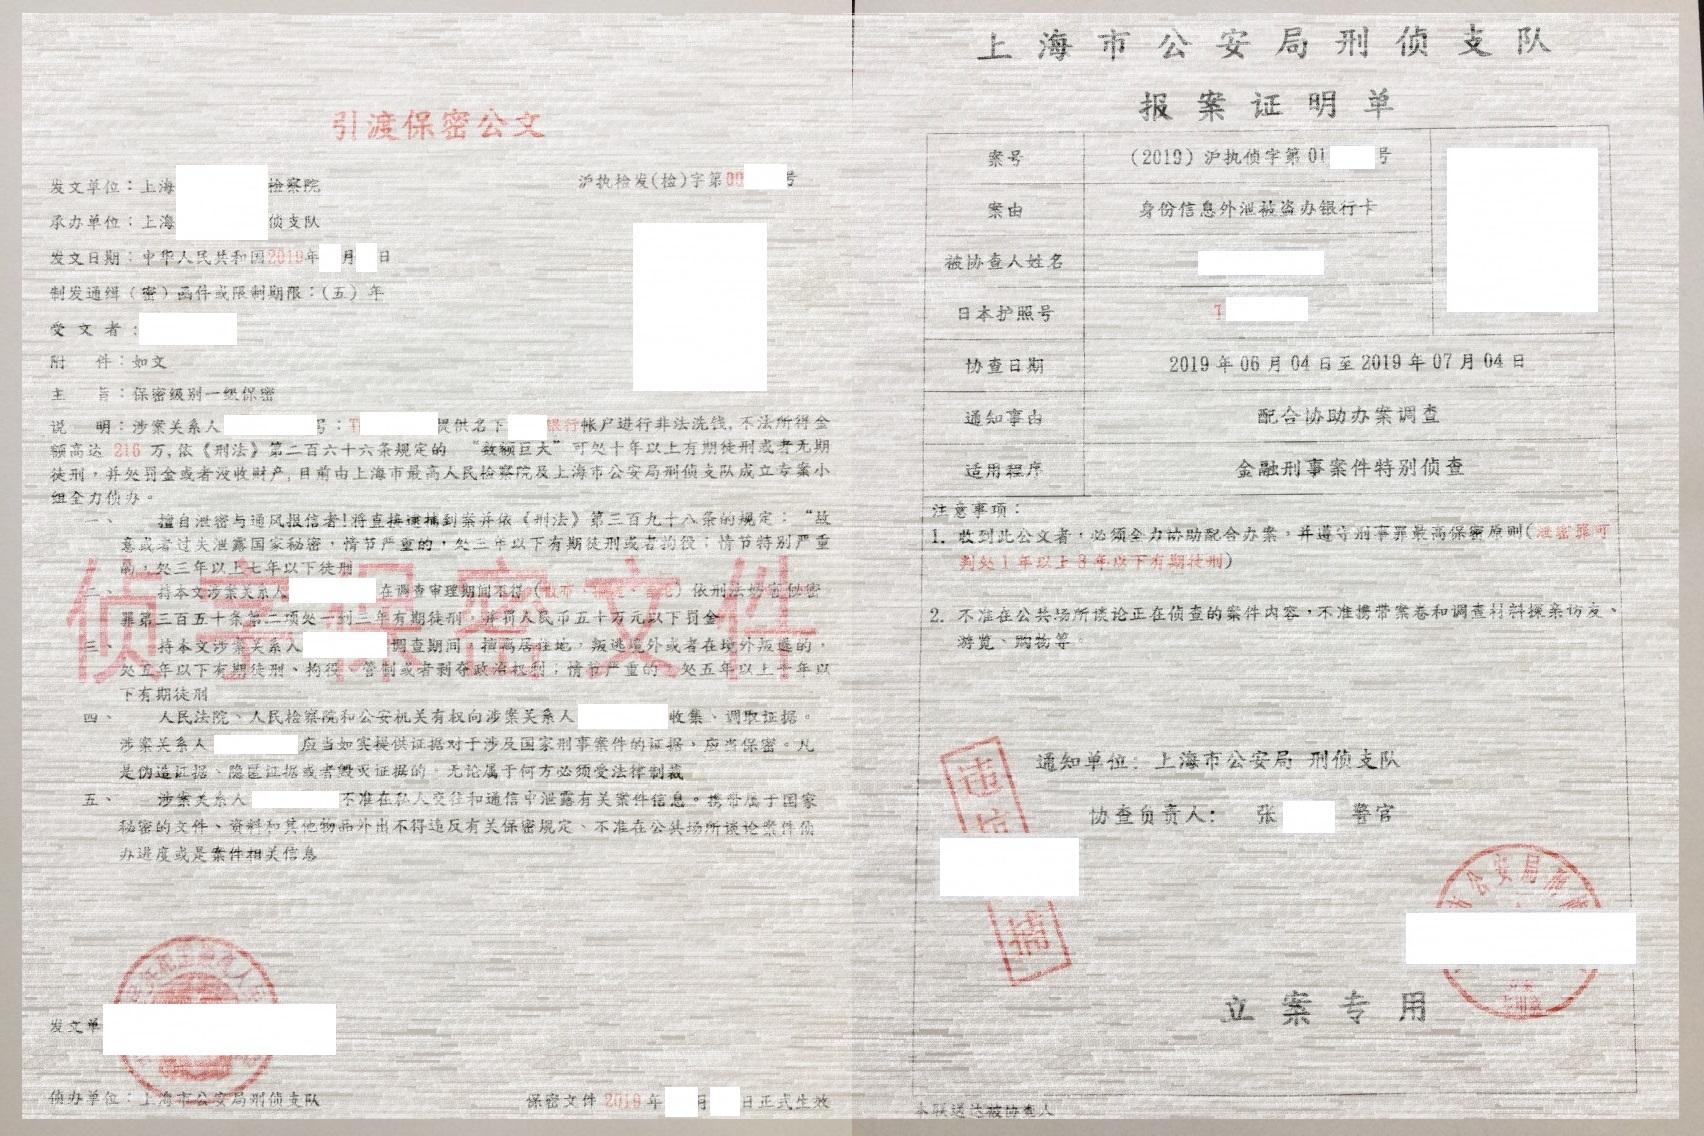 中国人詐欺師から送られてきた書類